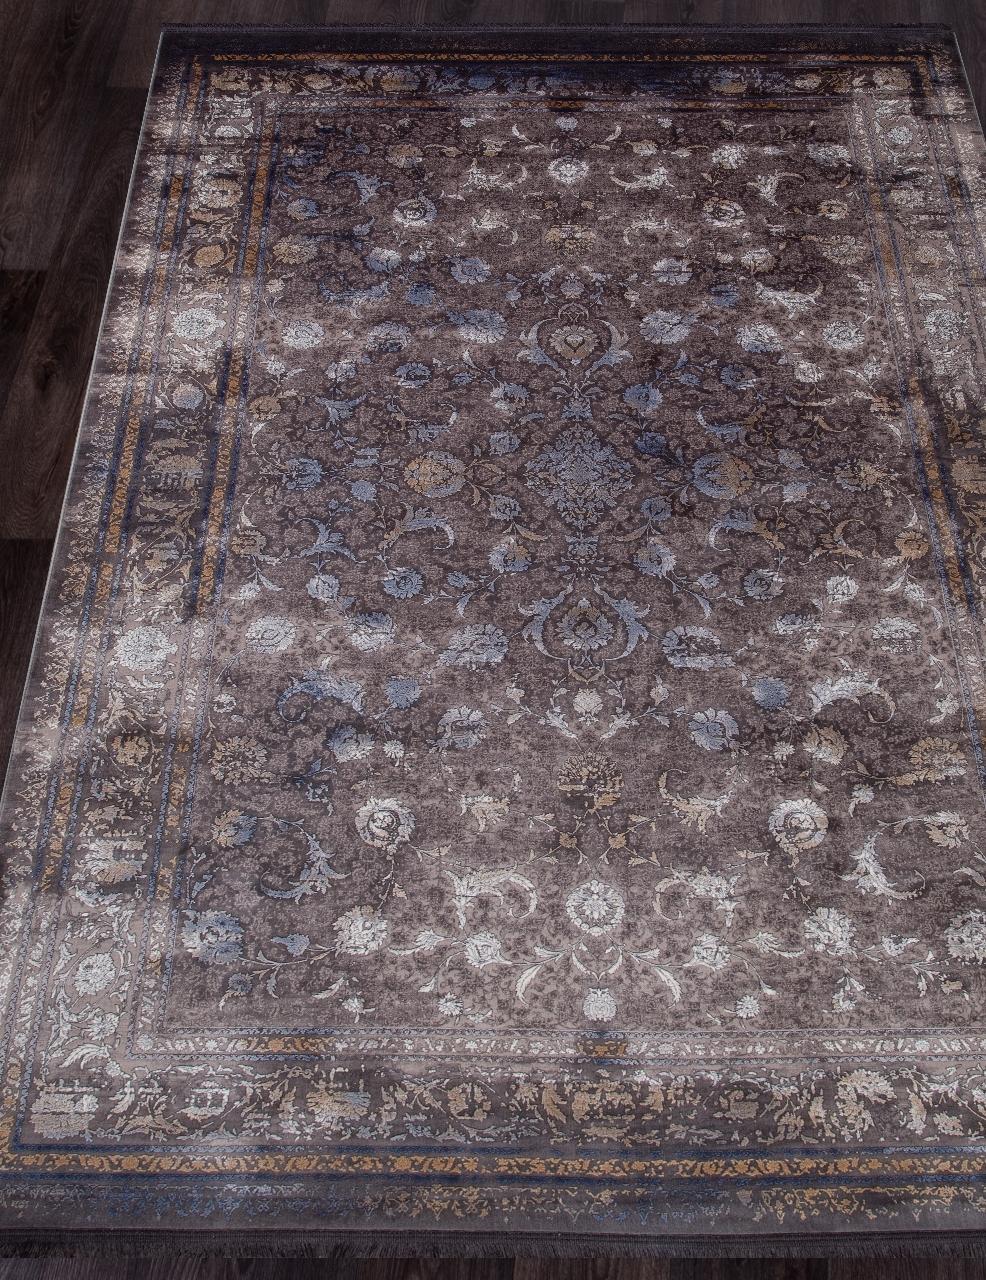 Ковер 7131 - GRAY - Прямоугольник - коллекция NOYAN - фото 1